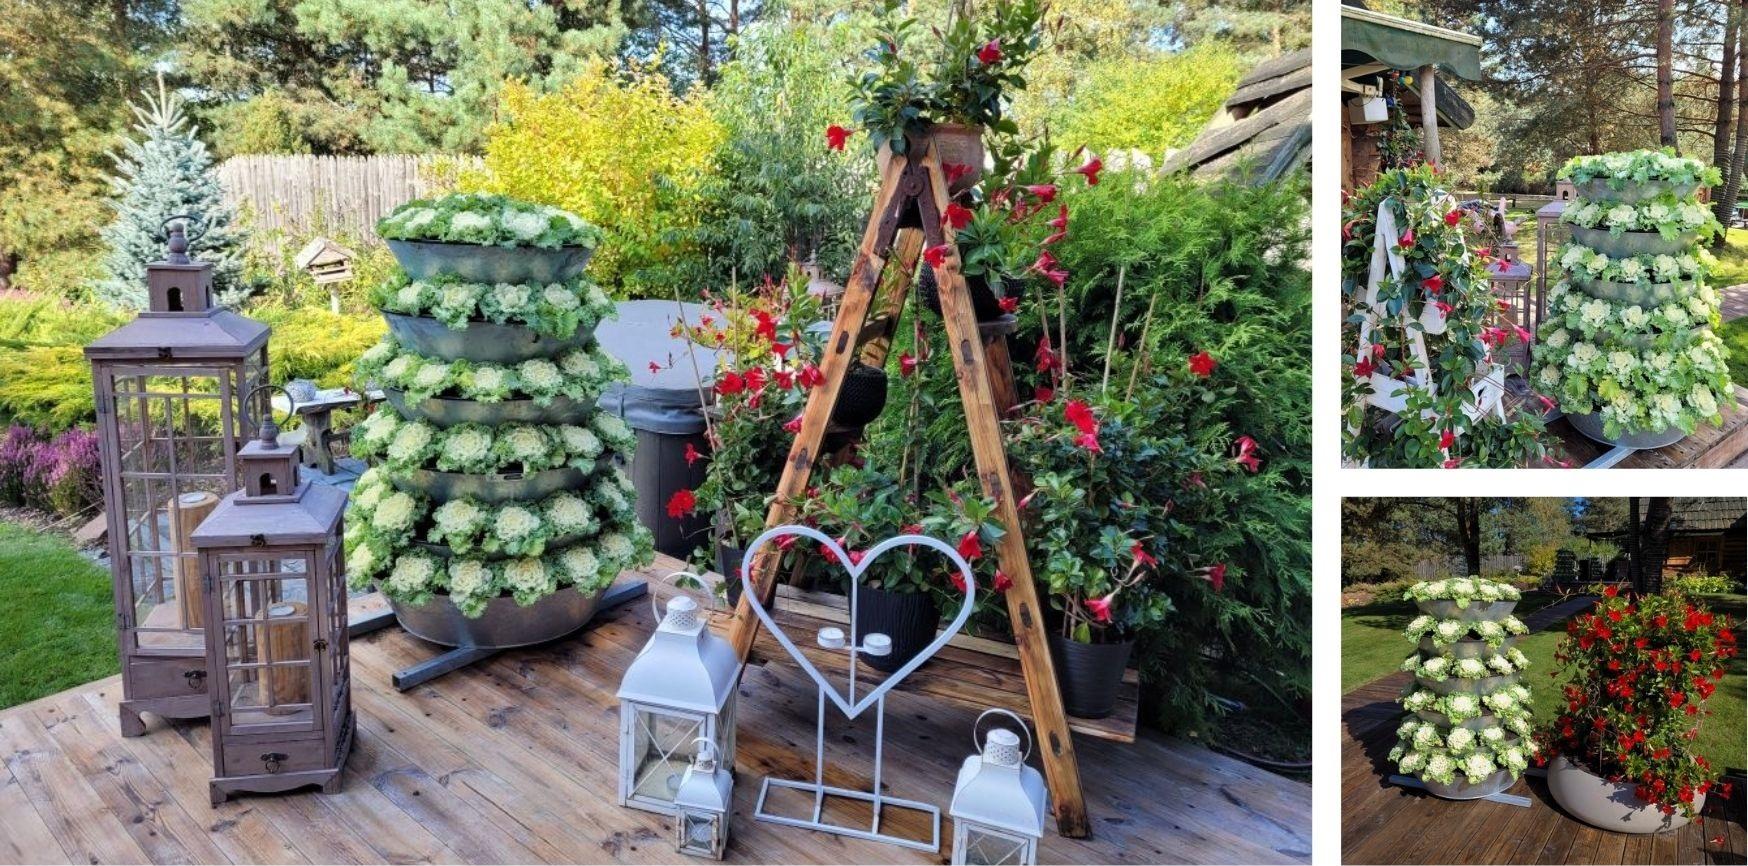 kwietnik-kaskadowy-jesienne-dekoracje-ogrodu-2